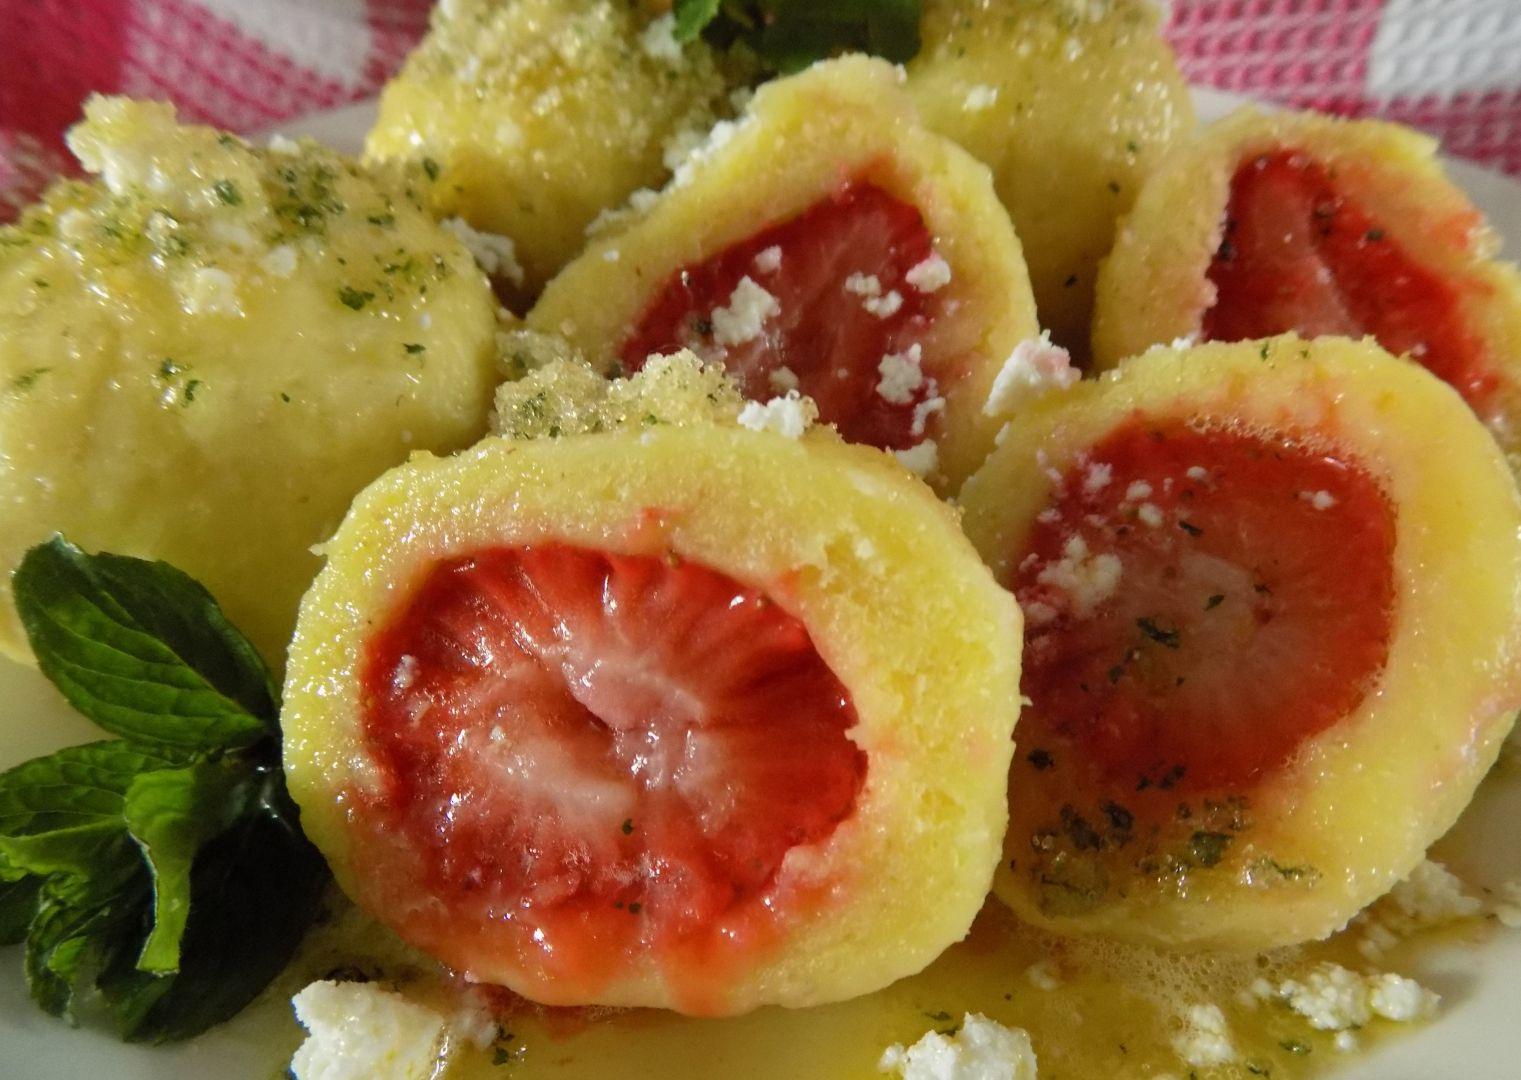 Bramborové knedlíky s jahodami a mátovým cukrem recept ...